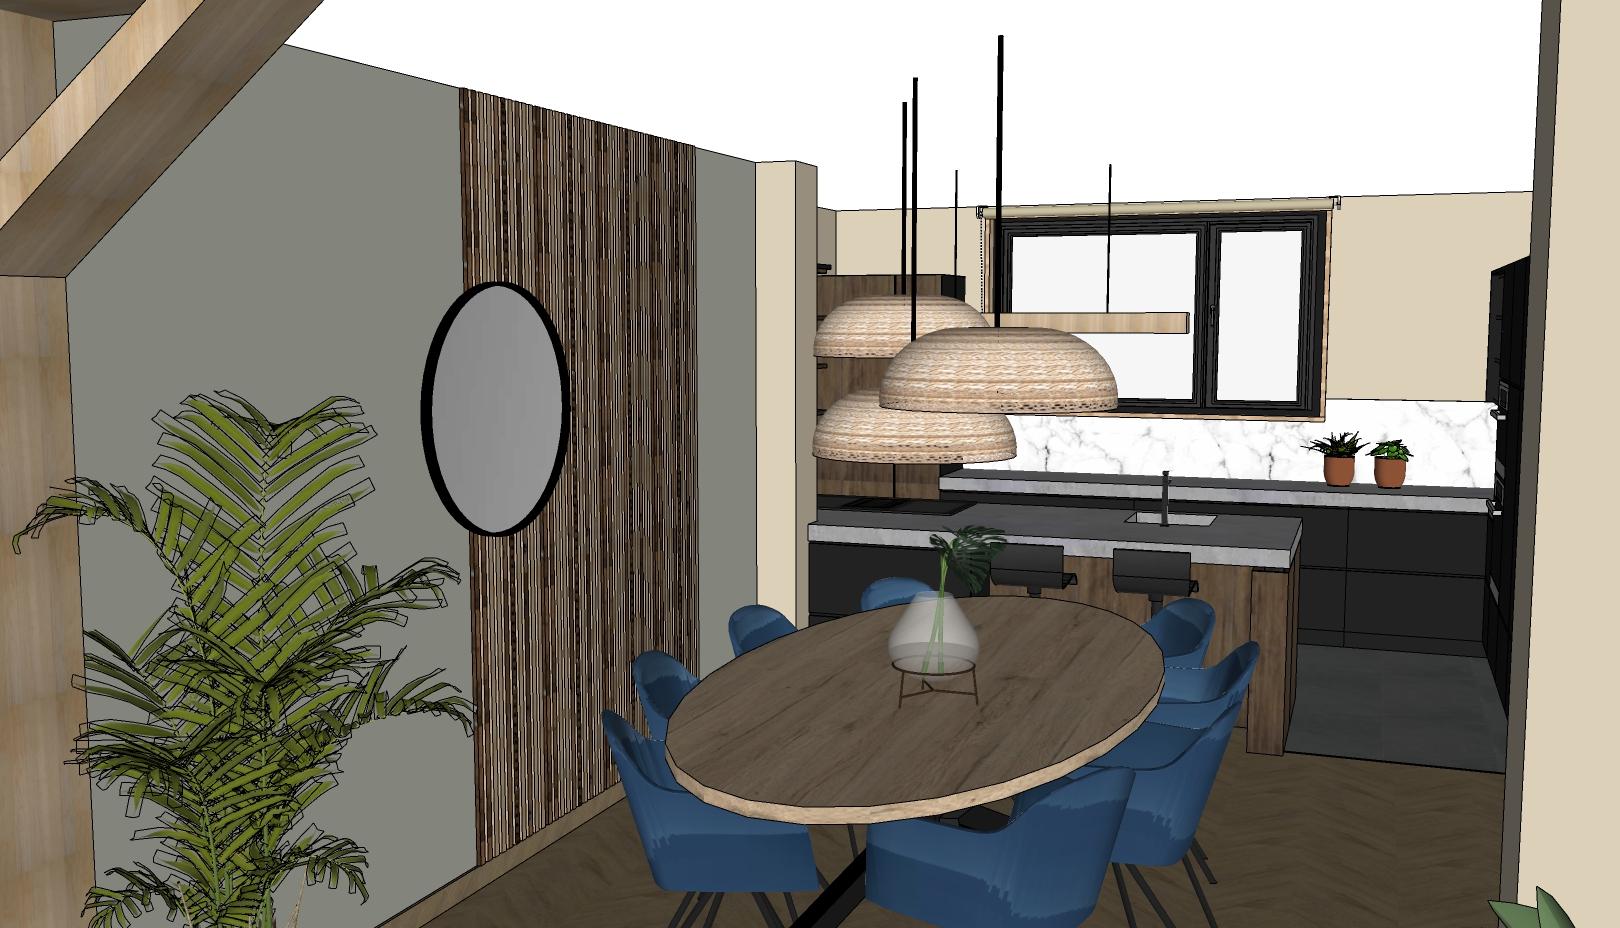 ovalen eettafel met rieten hanglampen en houten paneelwand